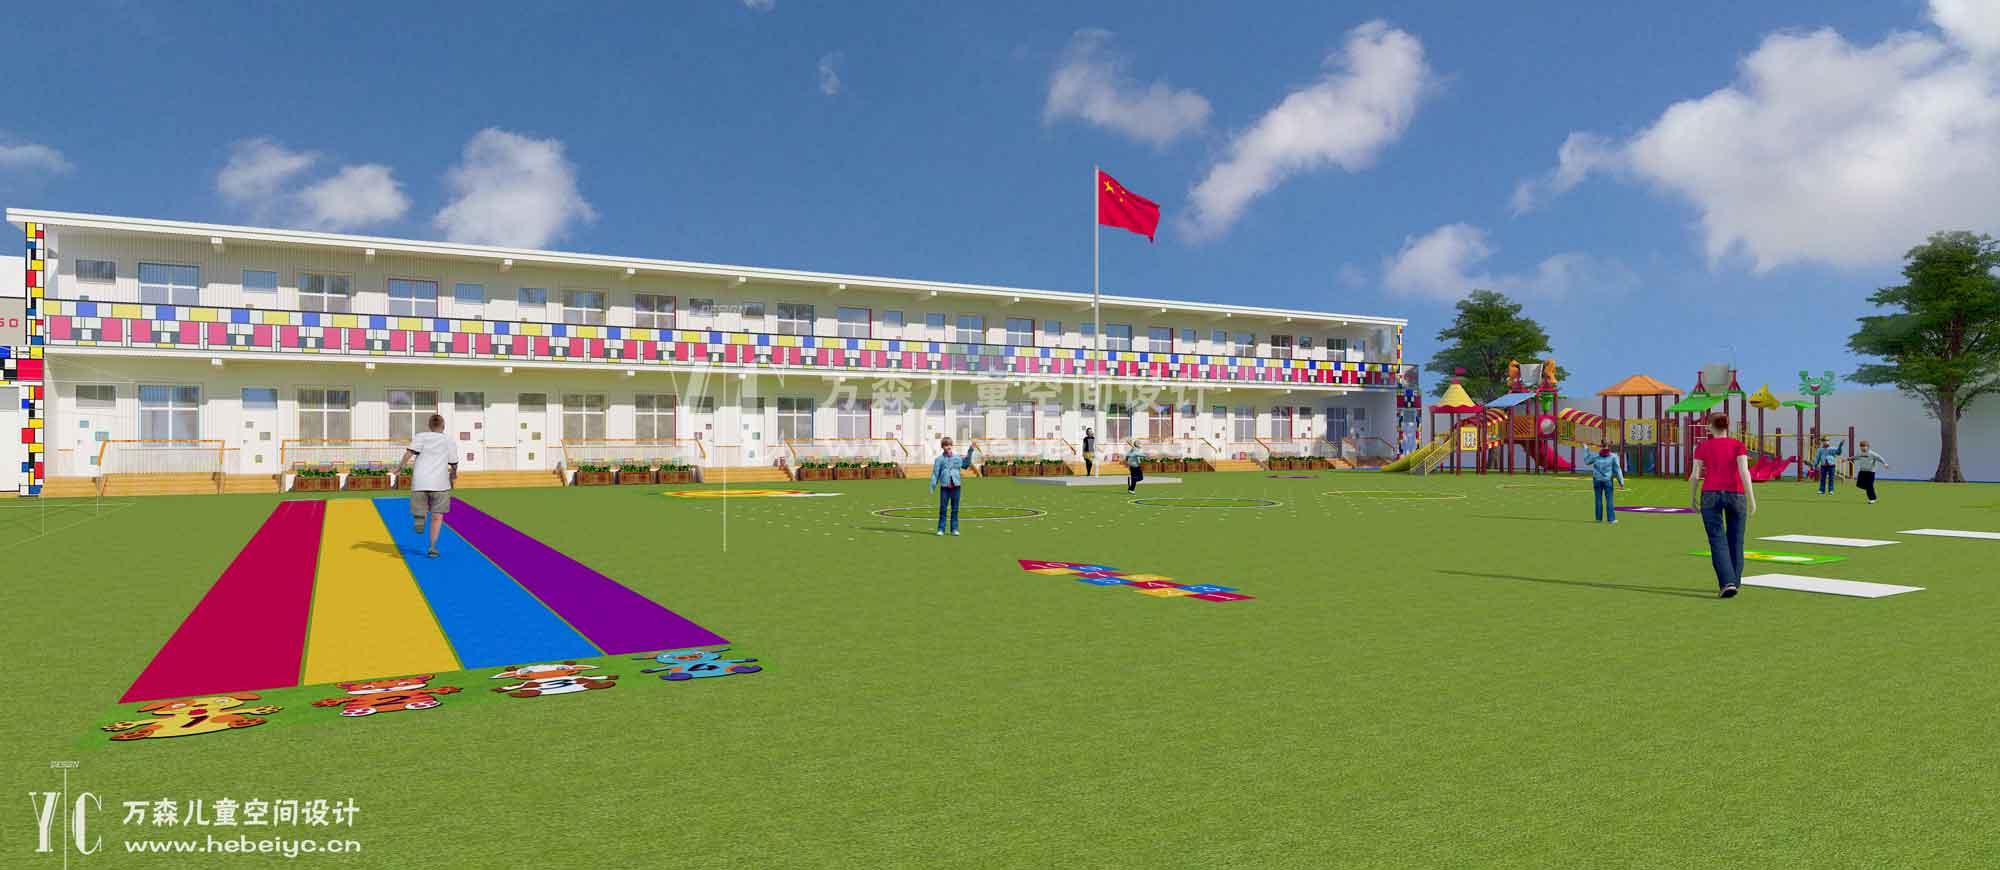 河北幼儿园翻新设计